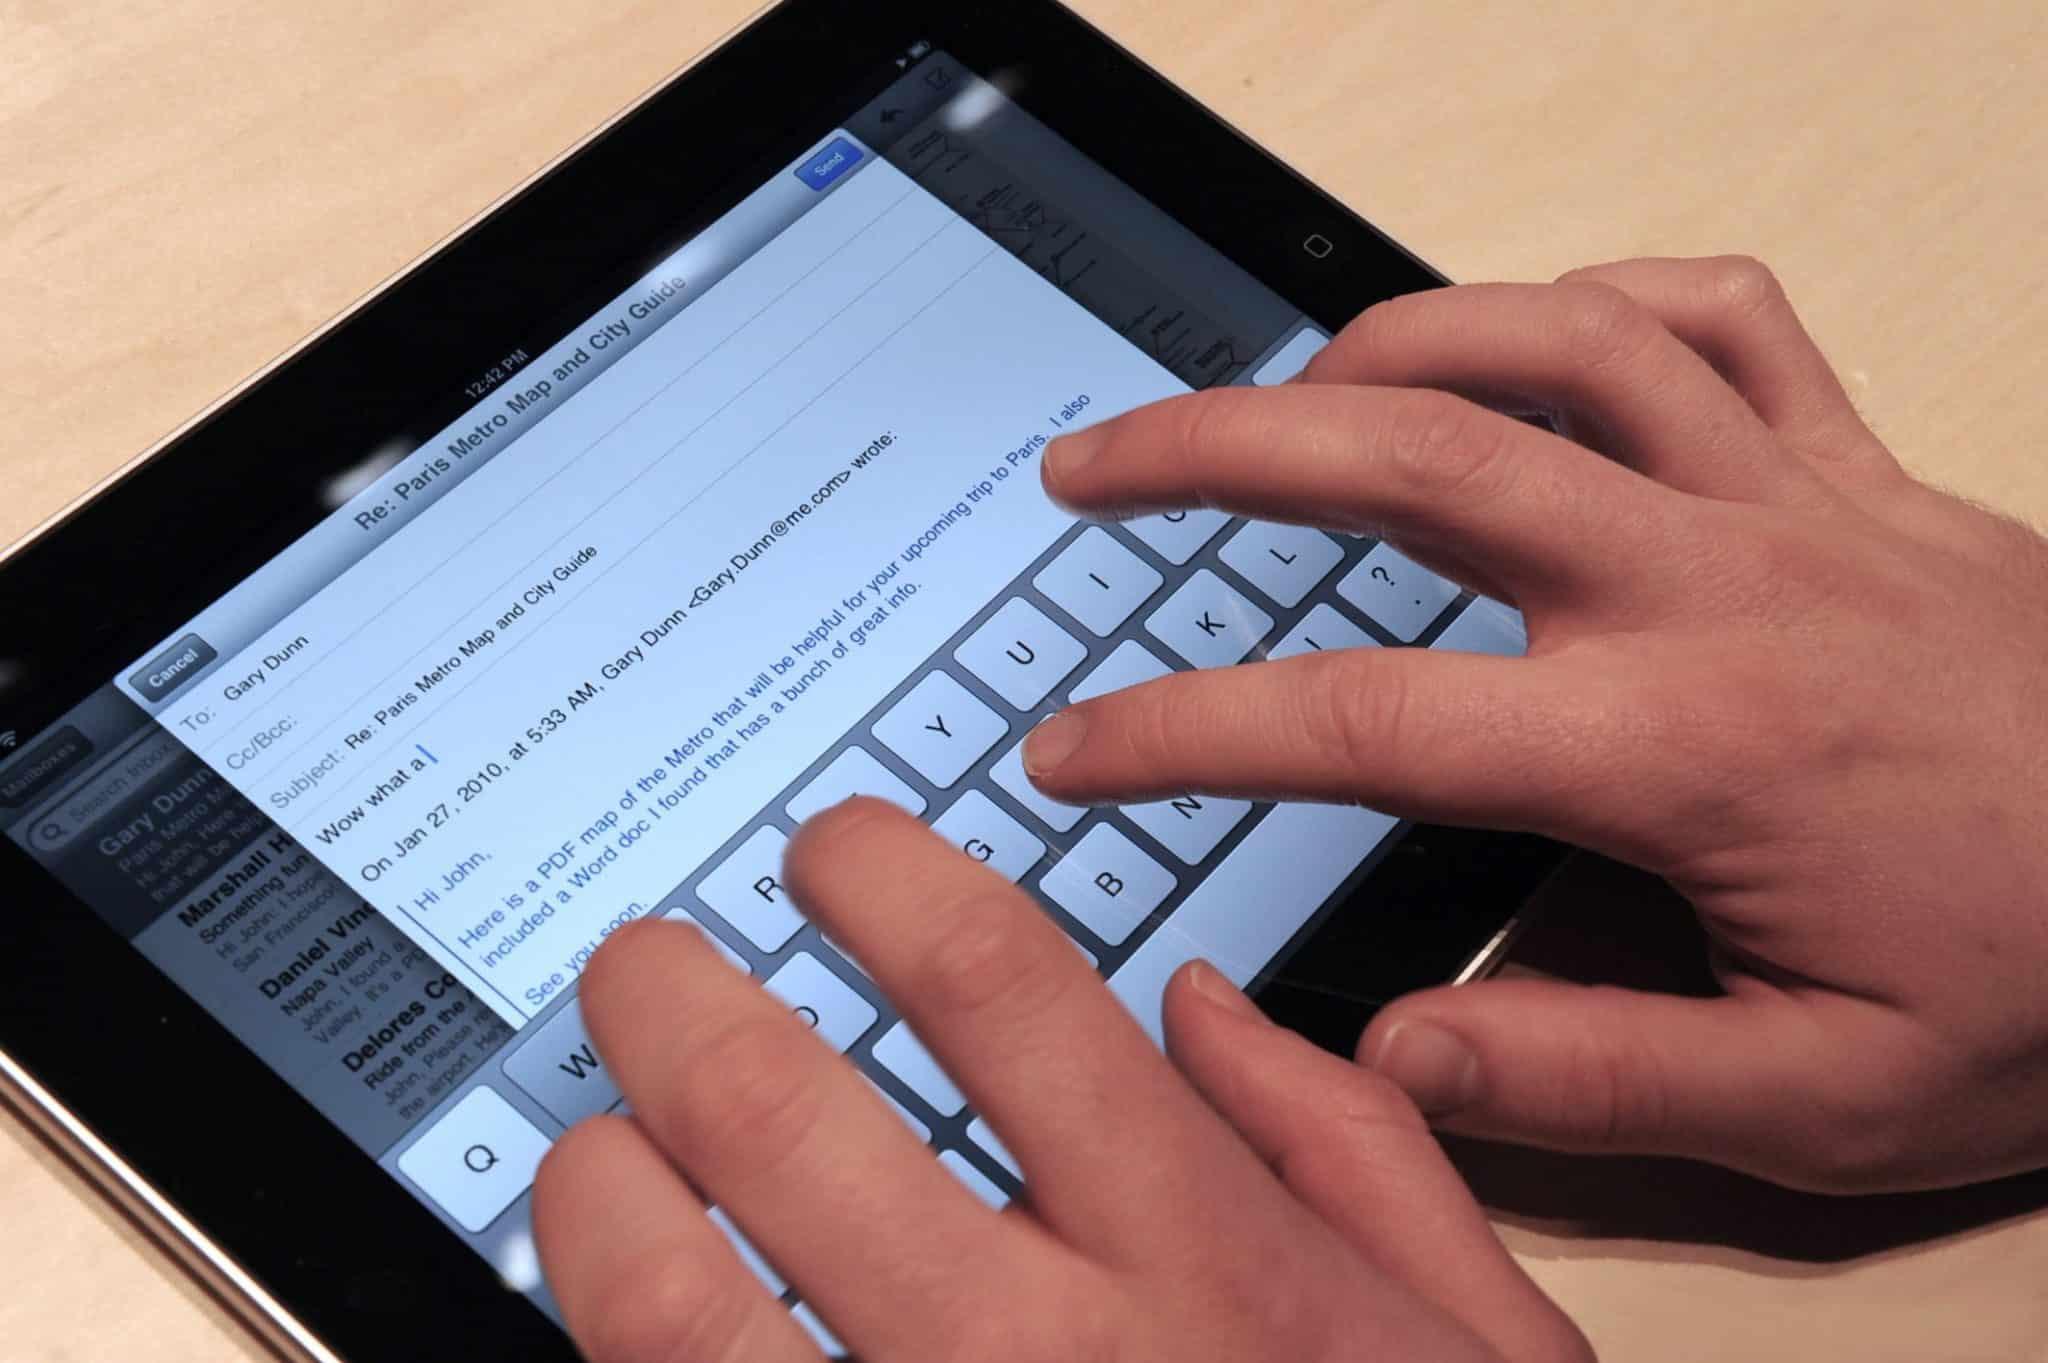 Para trabajar largas horas mejor un tablet: se usan todos los dedos y evitamos lesiones.